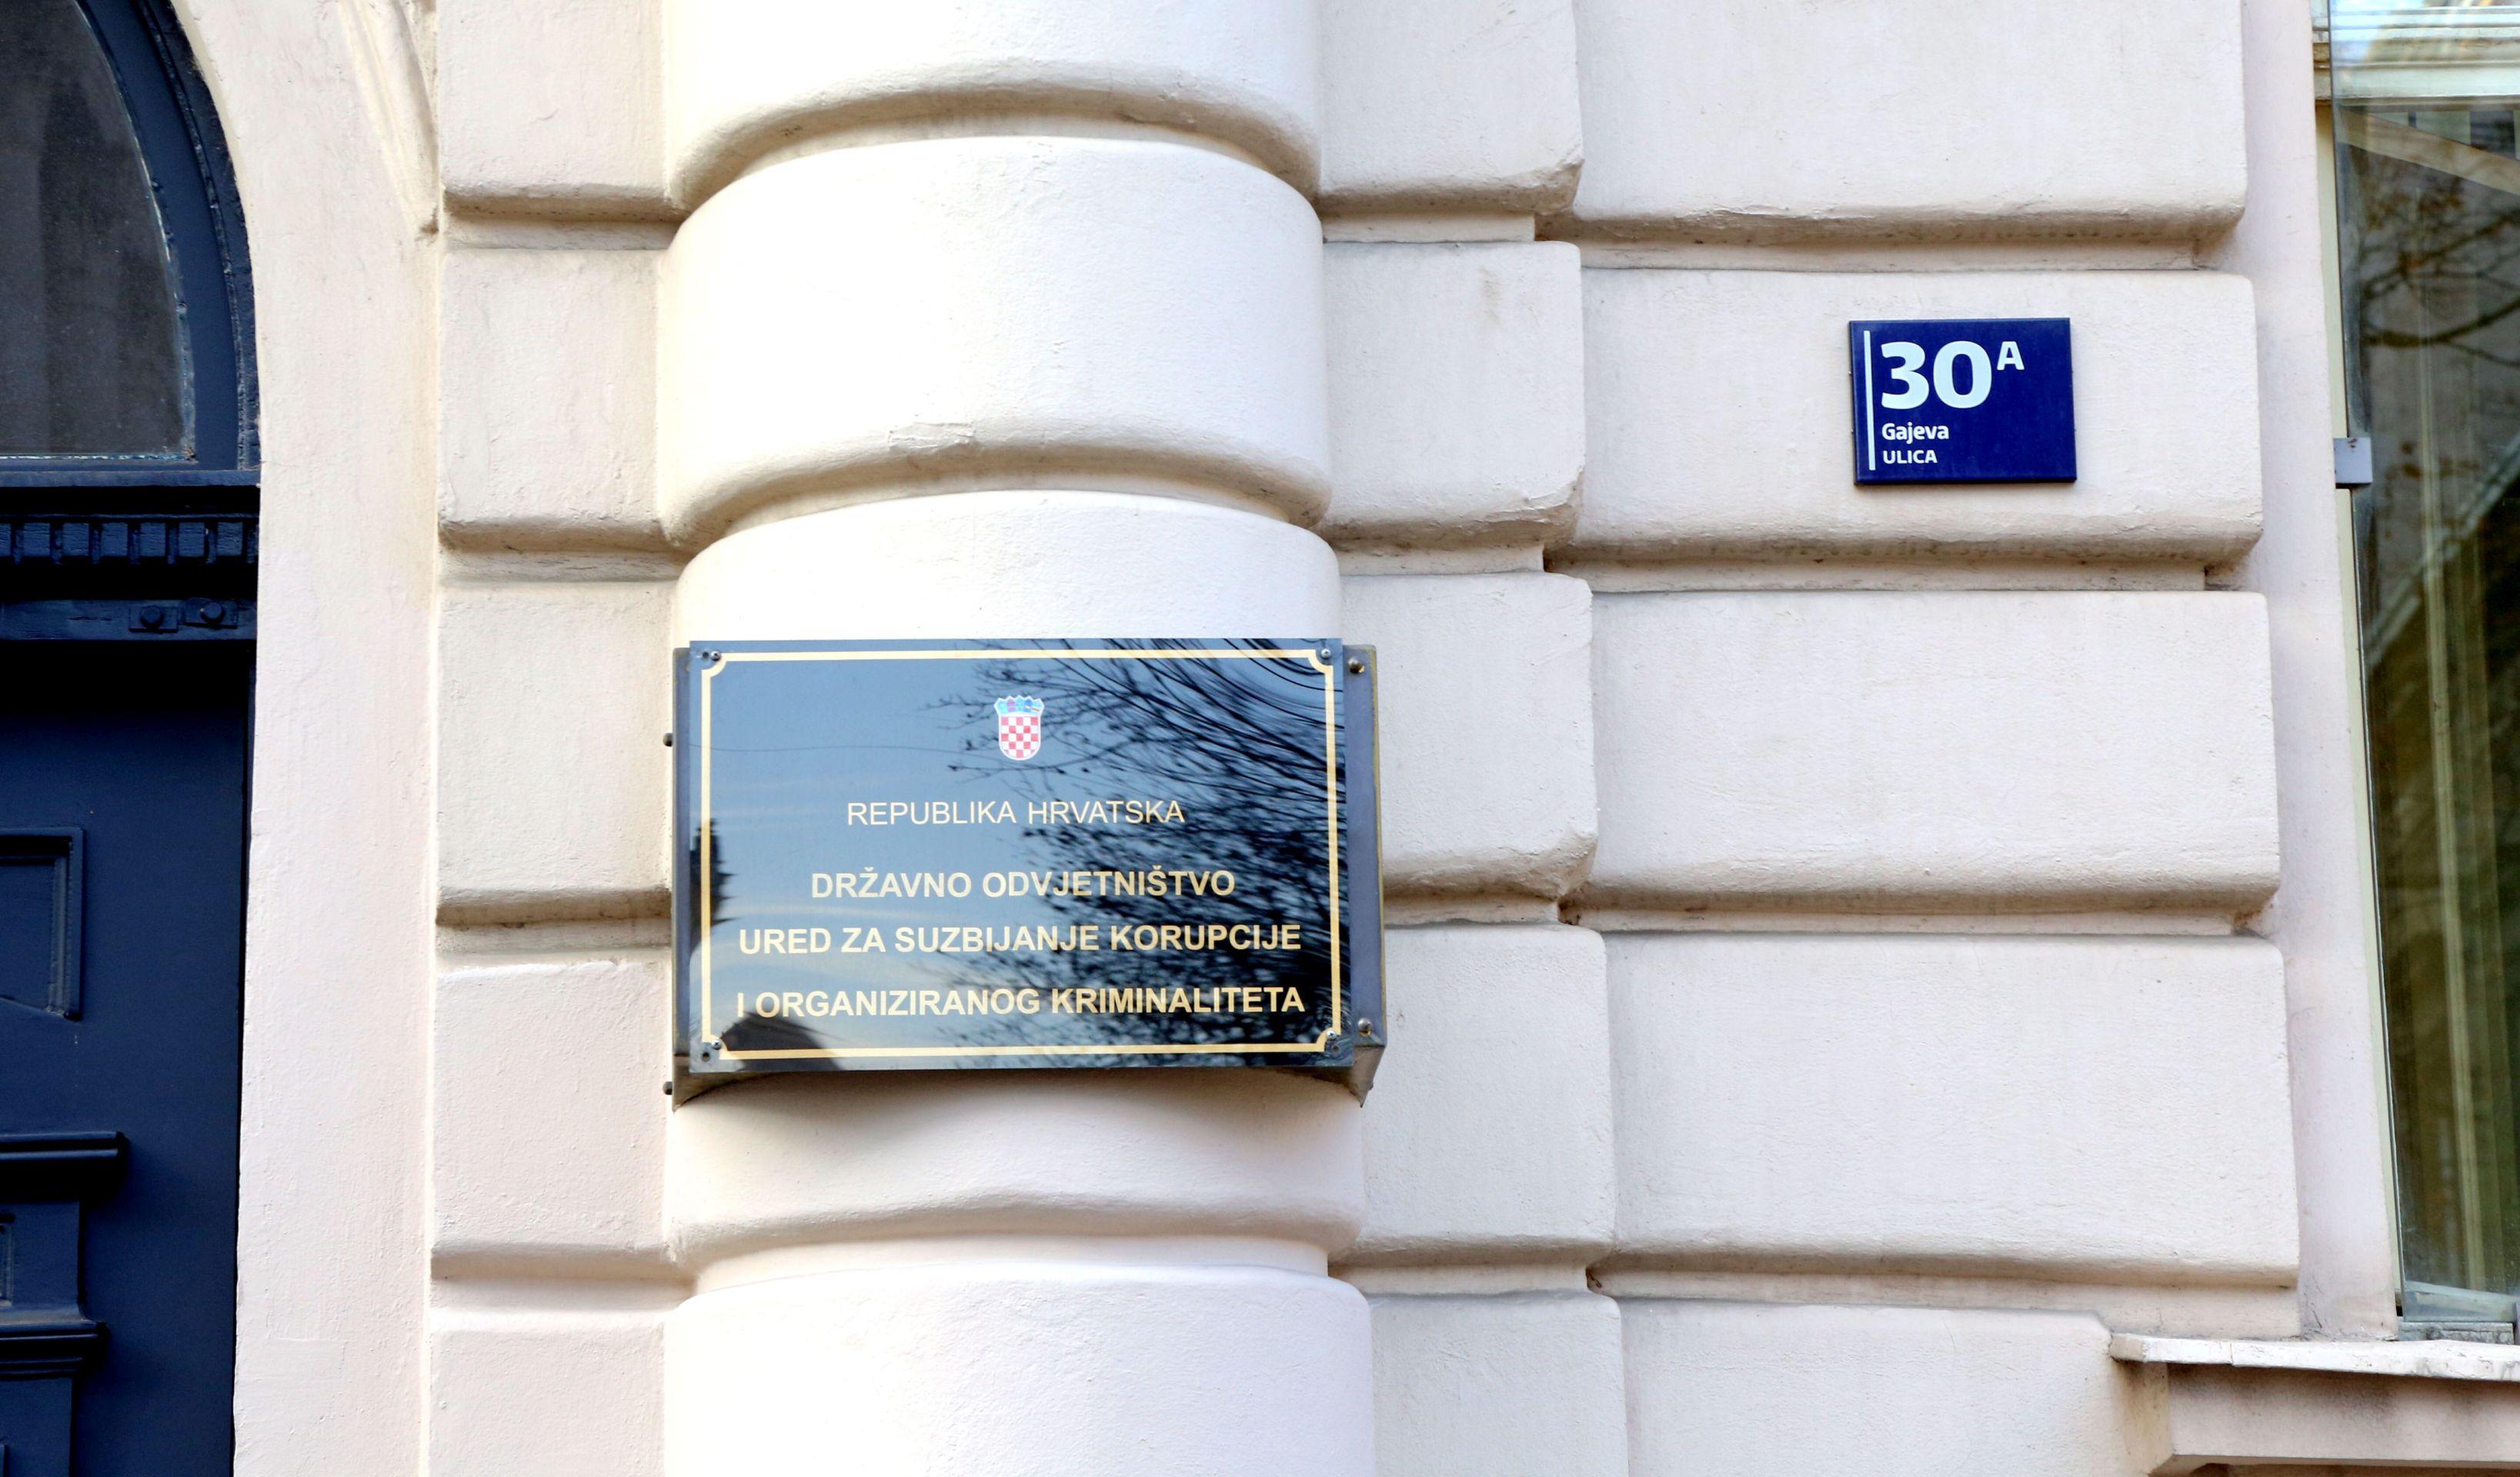 OPTUŽNICA Peteročlana skupina u Hrvatsku uvezla 469 ilegalaca